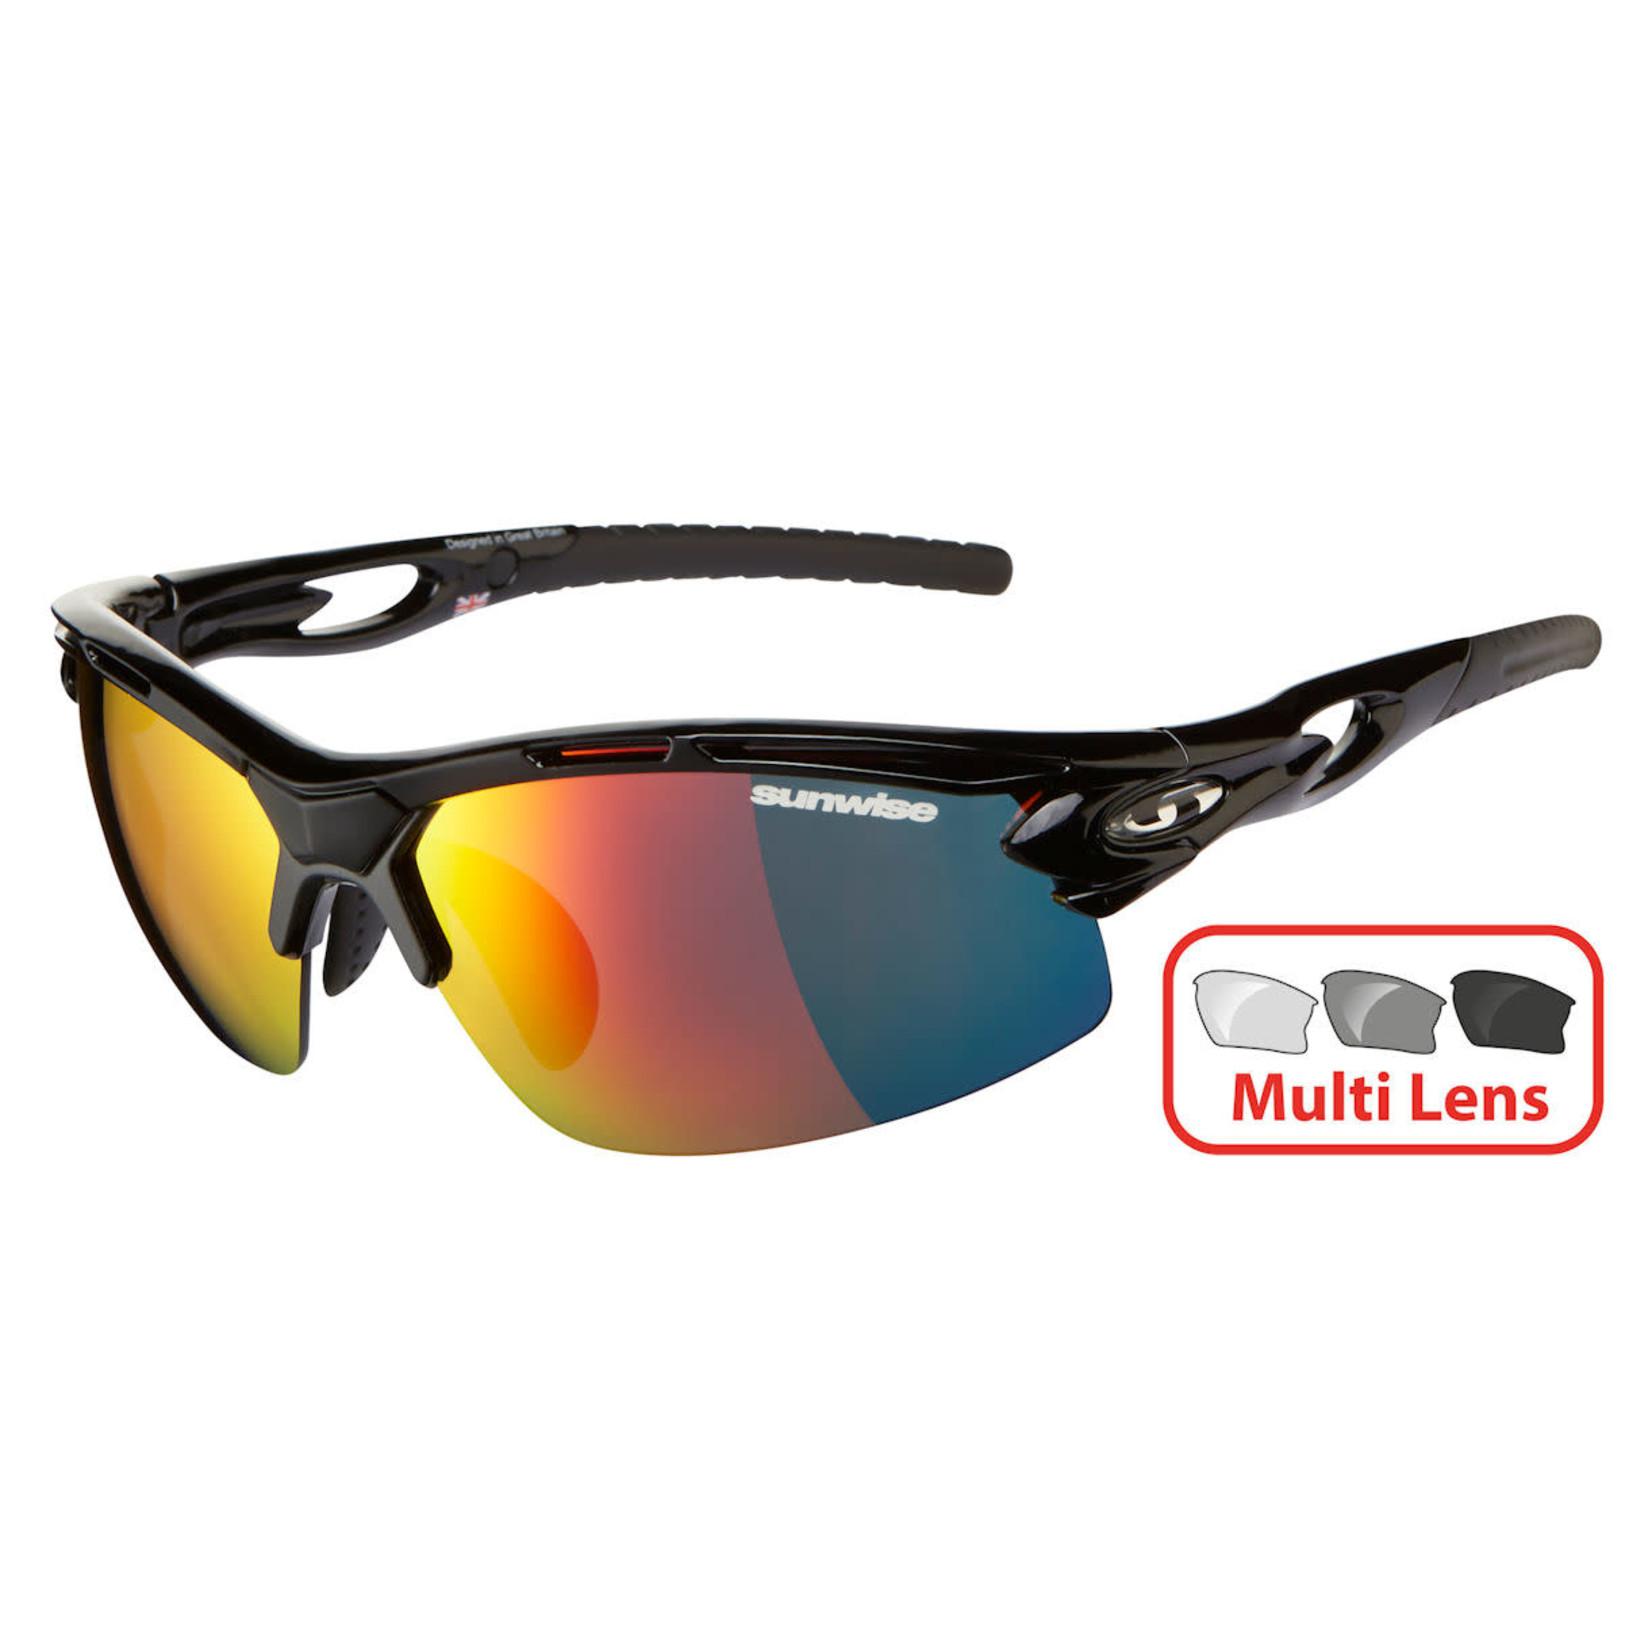 Sunwise Vertex Sunglasses Black